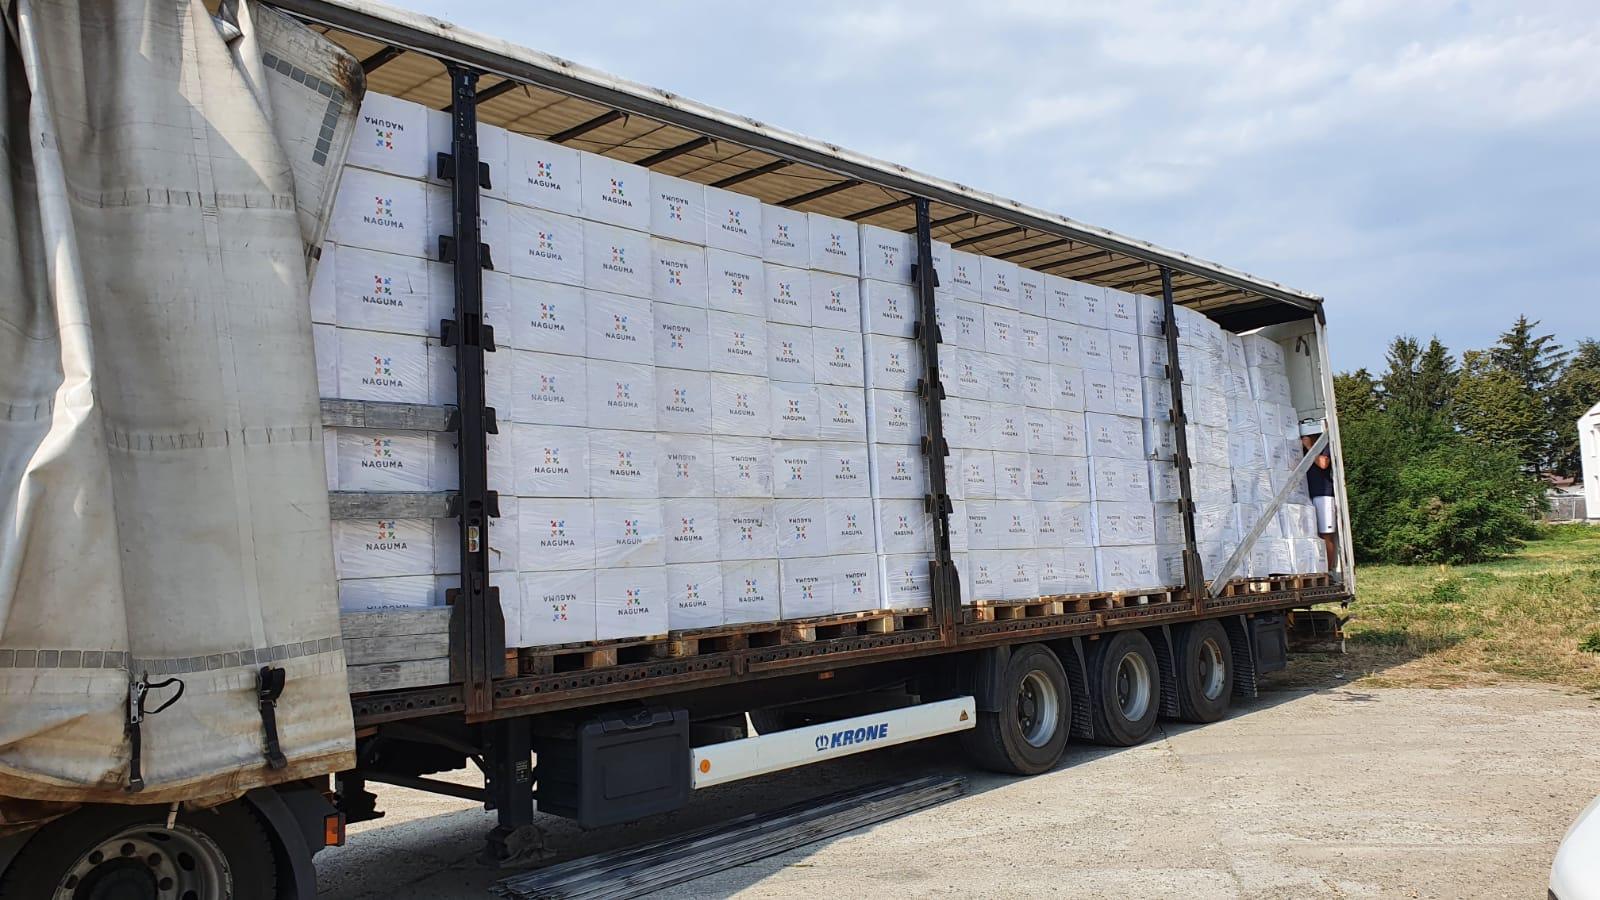 Livrare de 3,2 milioane de măști medicale la DSP Neamț, anunțată de Naguma Medical Supply